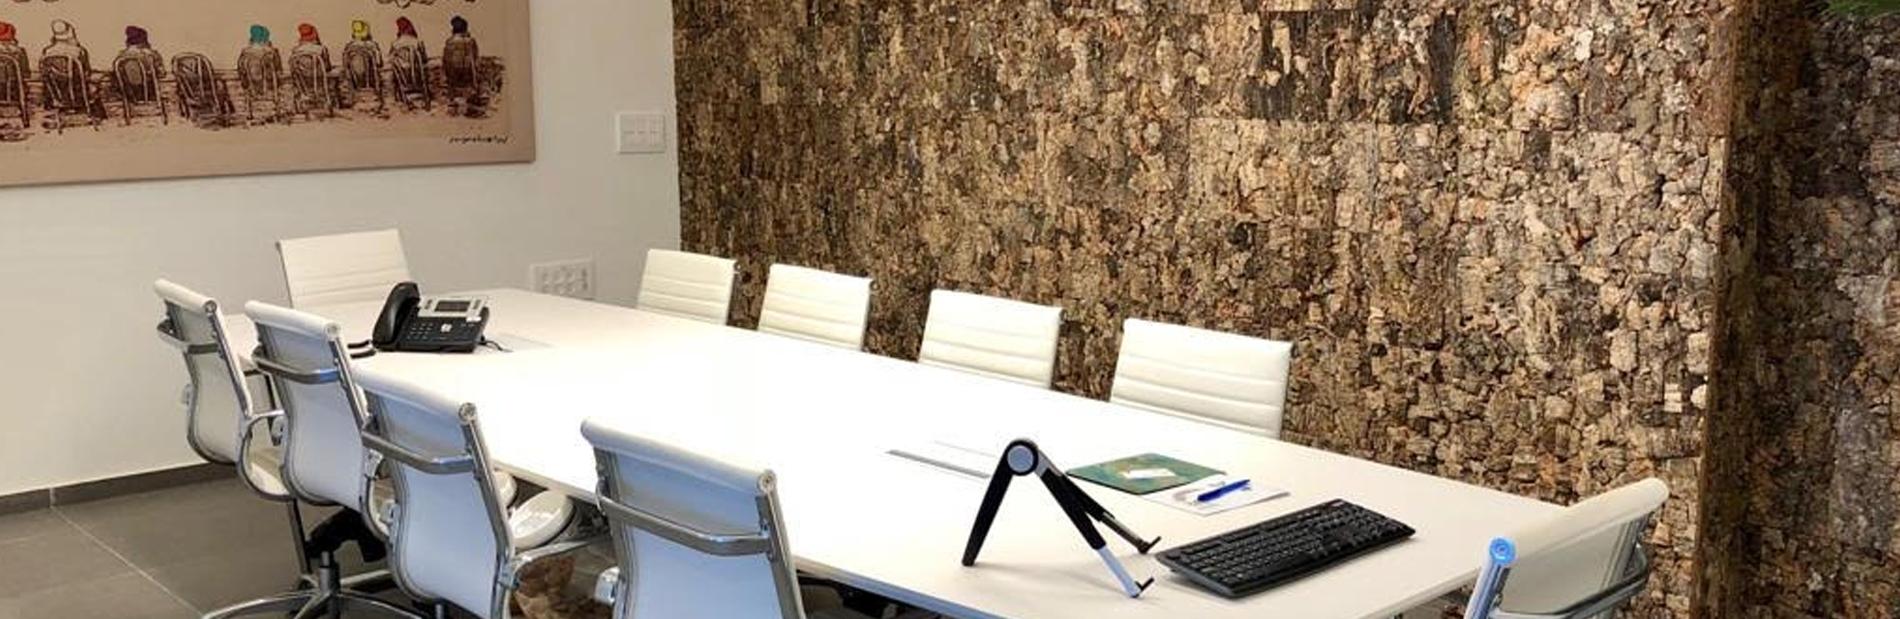 חיפוי שעם לקירות משרדים